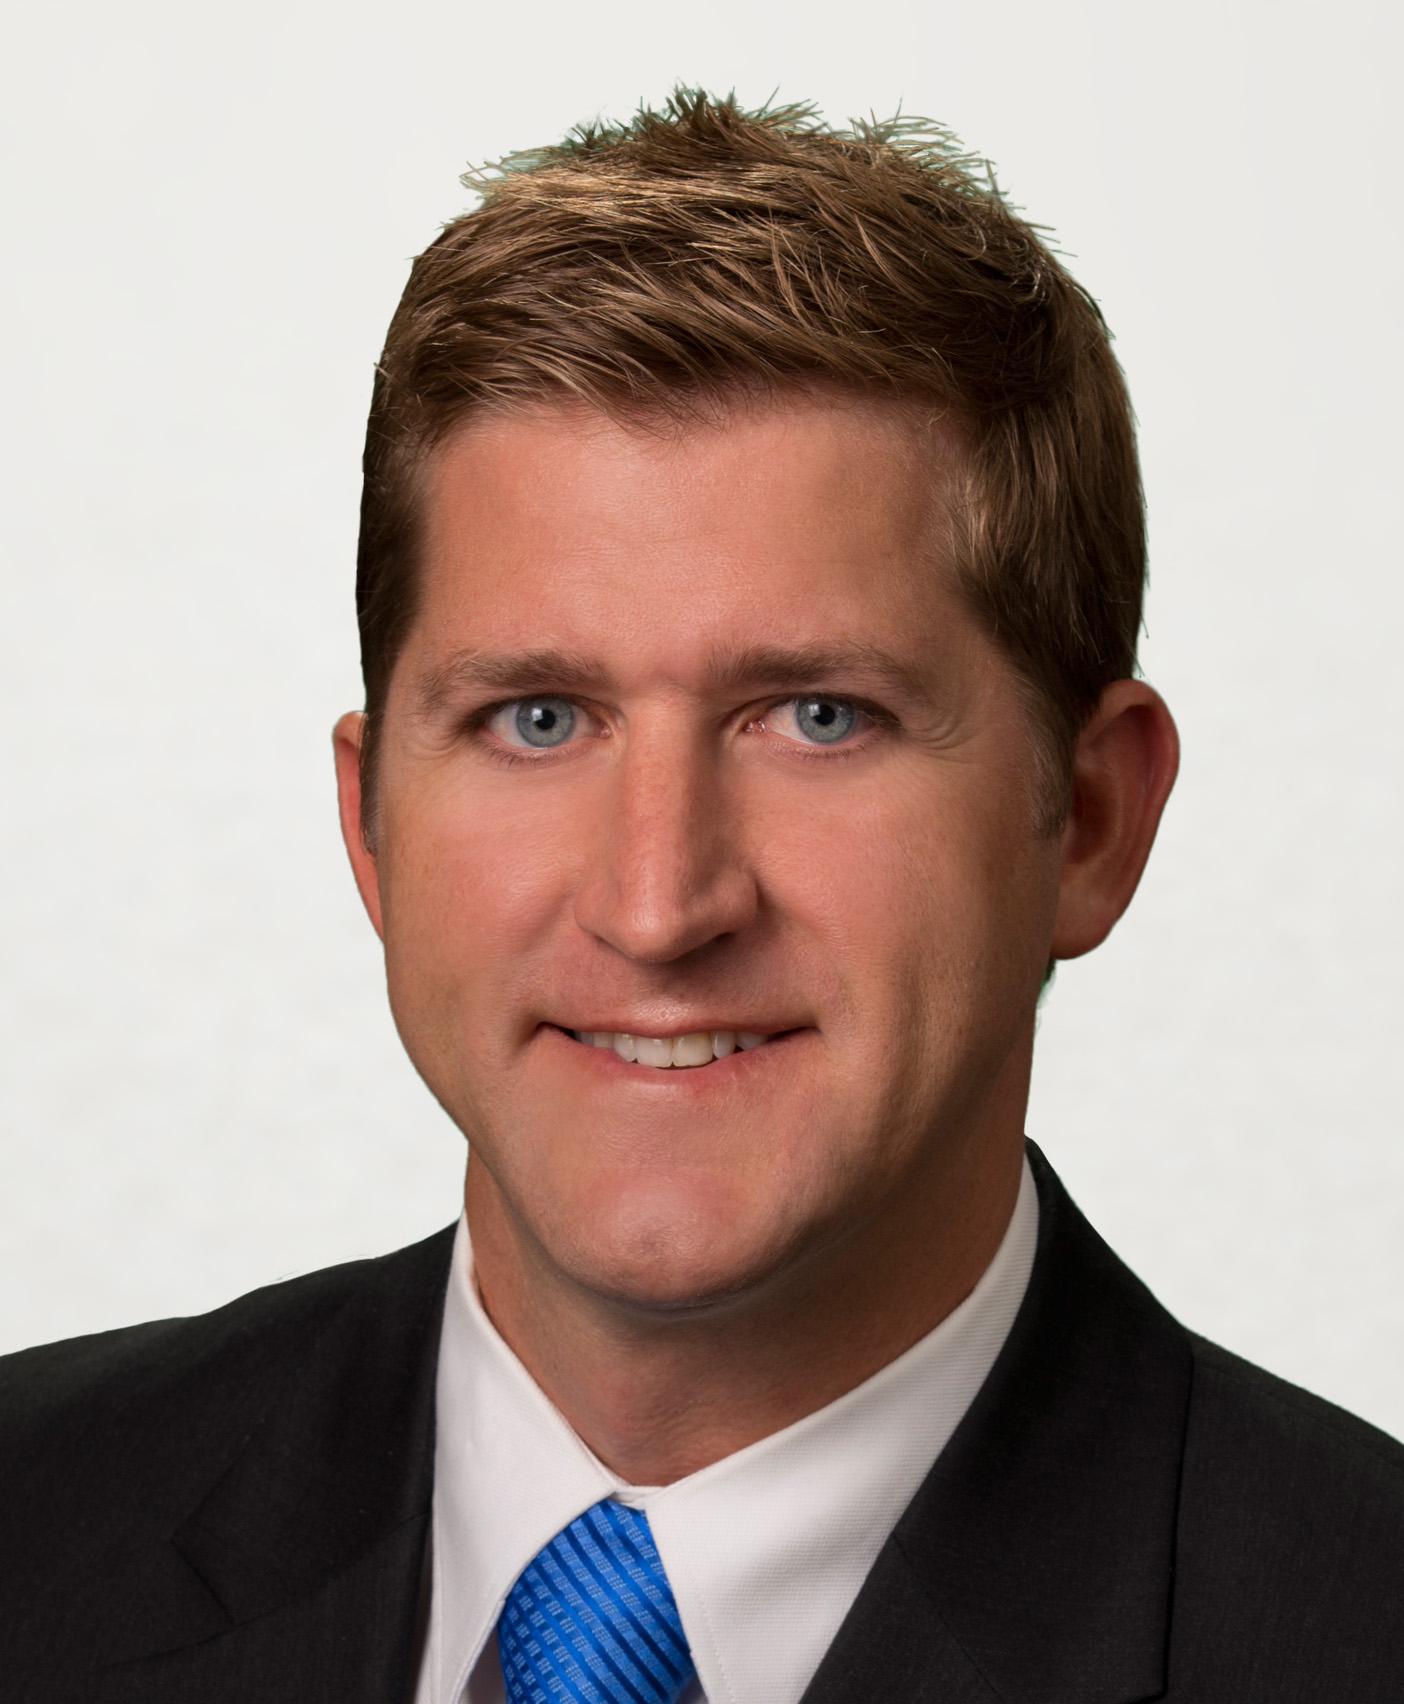 Ryan Roark, CCIM